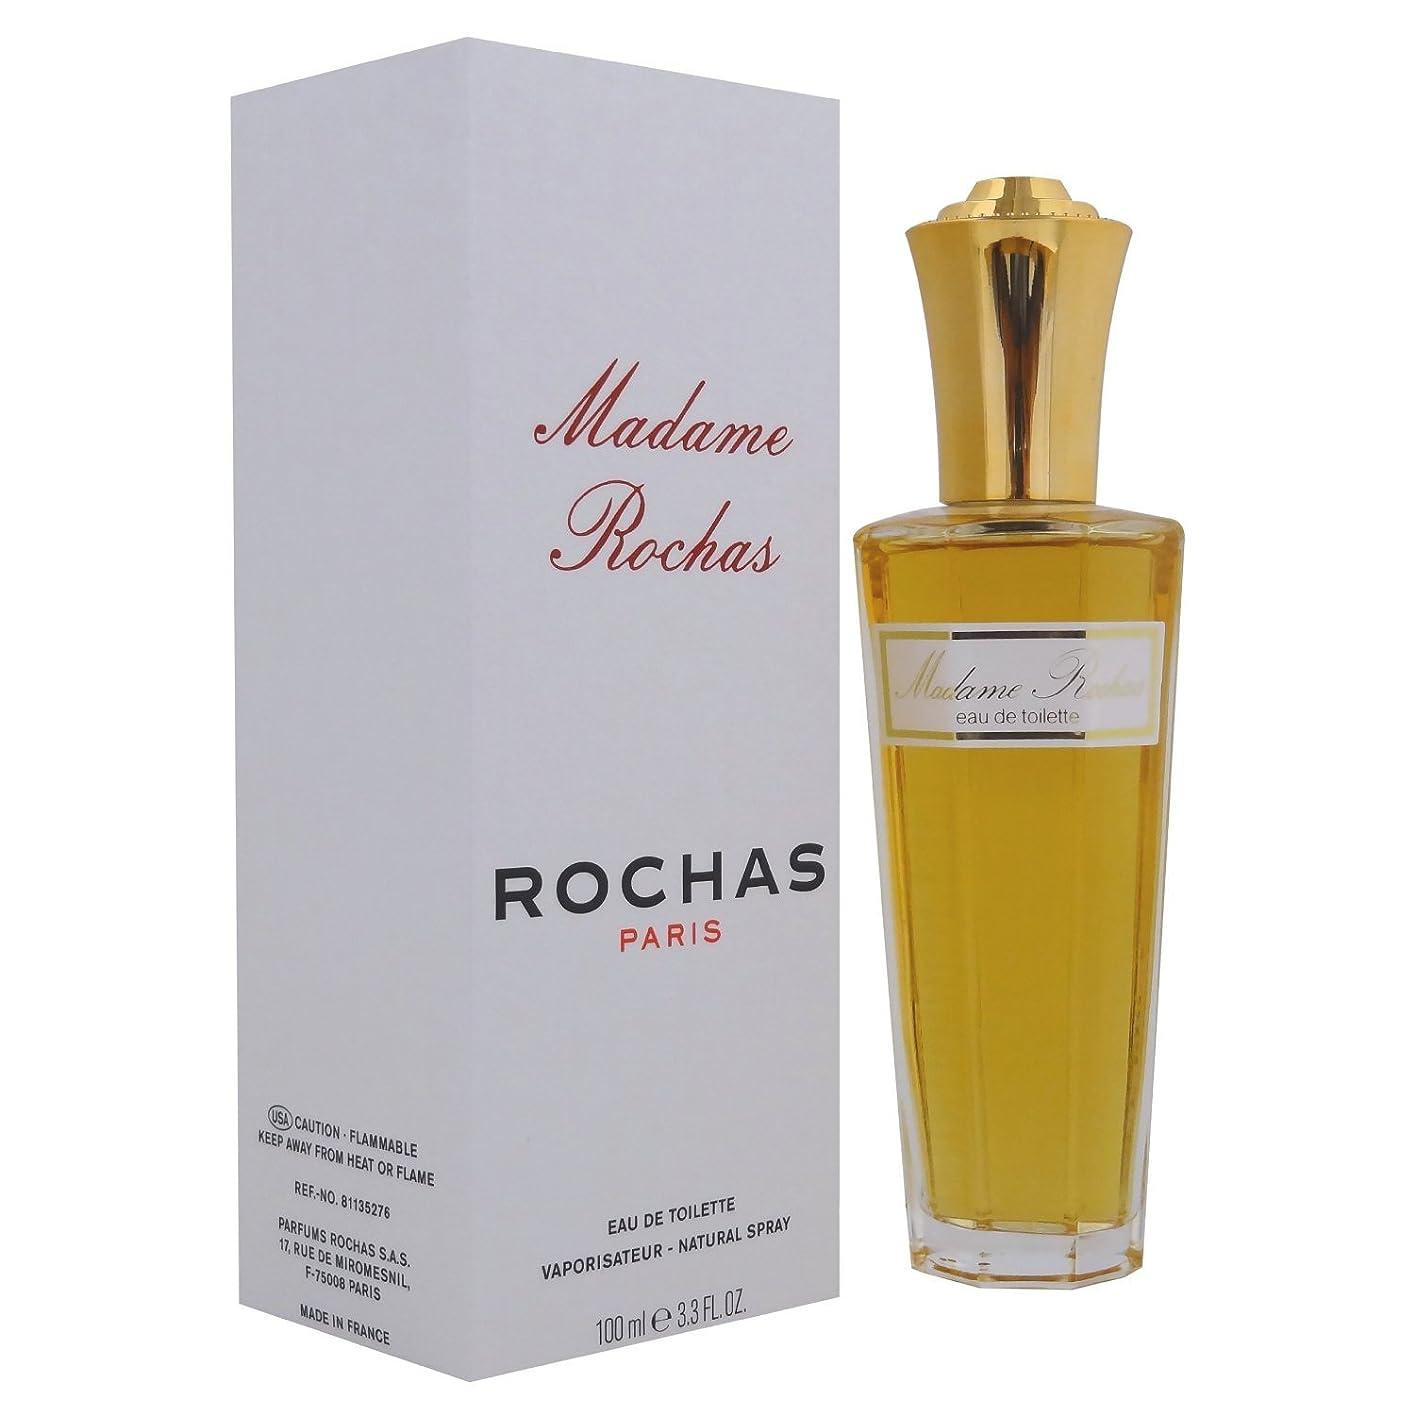 おとこコート外観ROCHAS Madame Rochas マダム ロシャス EDT 100ml